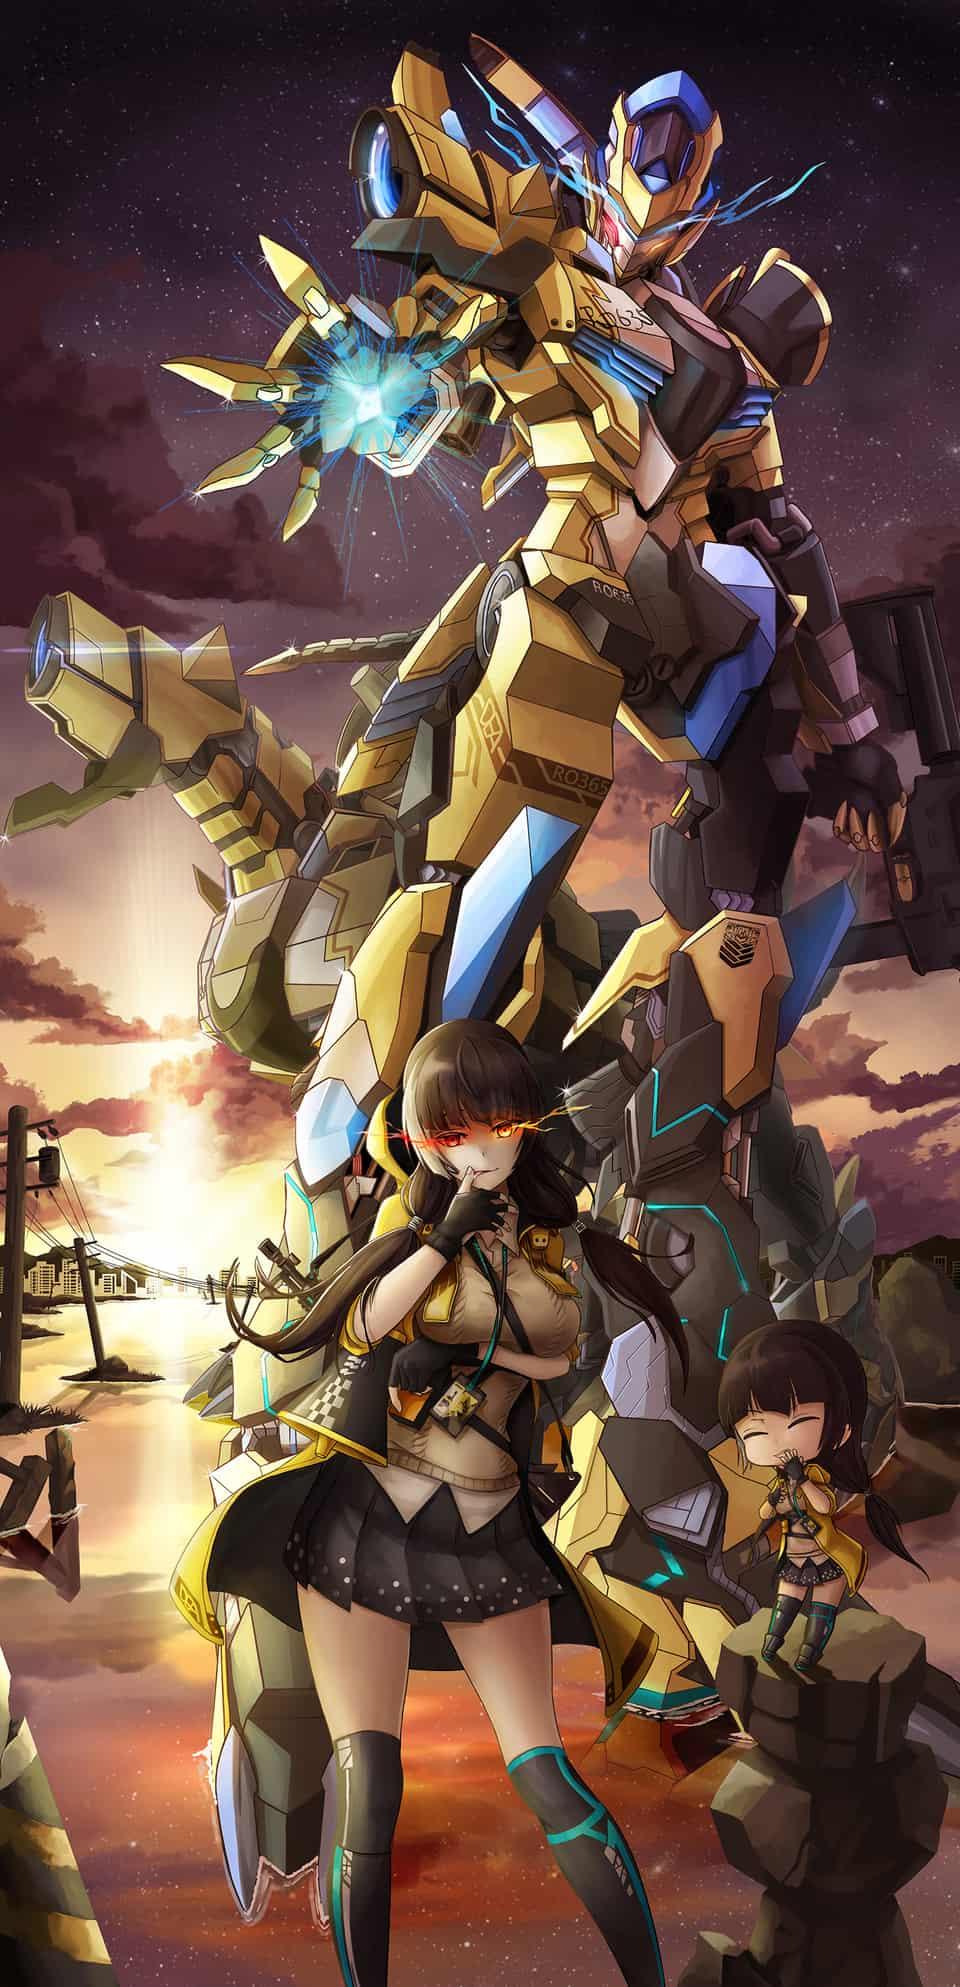 少女前線- RO635 GIANT Illust of 一撇 機甲 機器人 ドルフロイラコン Girls'Frontline